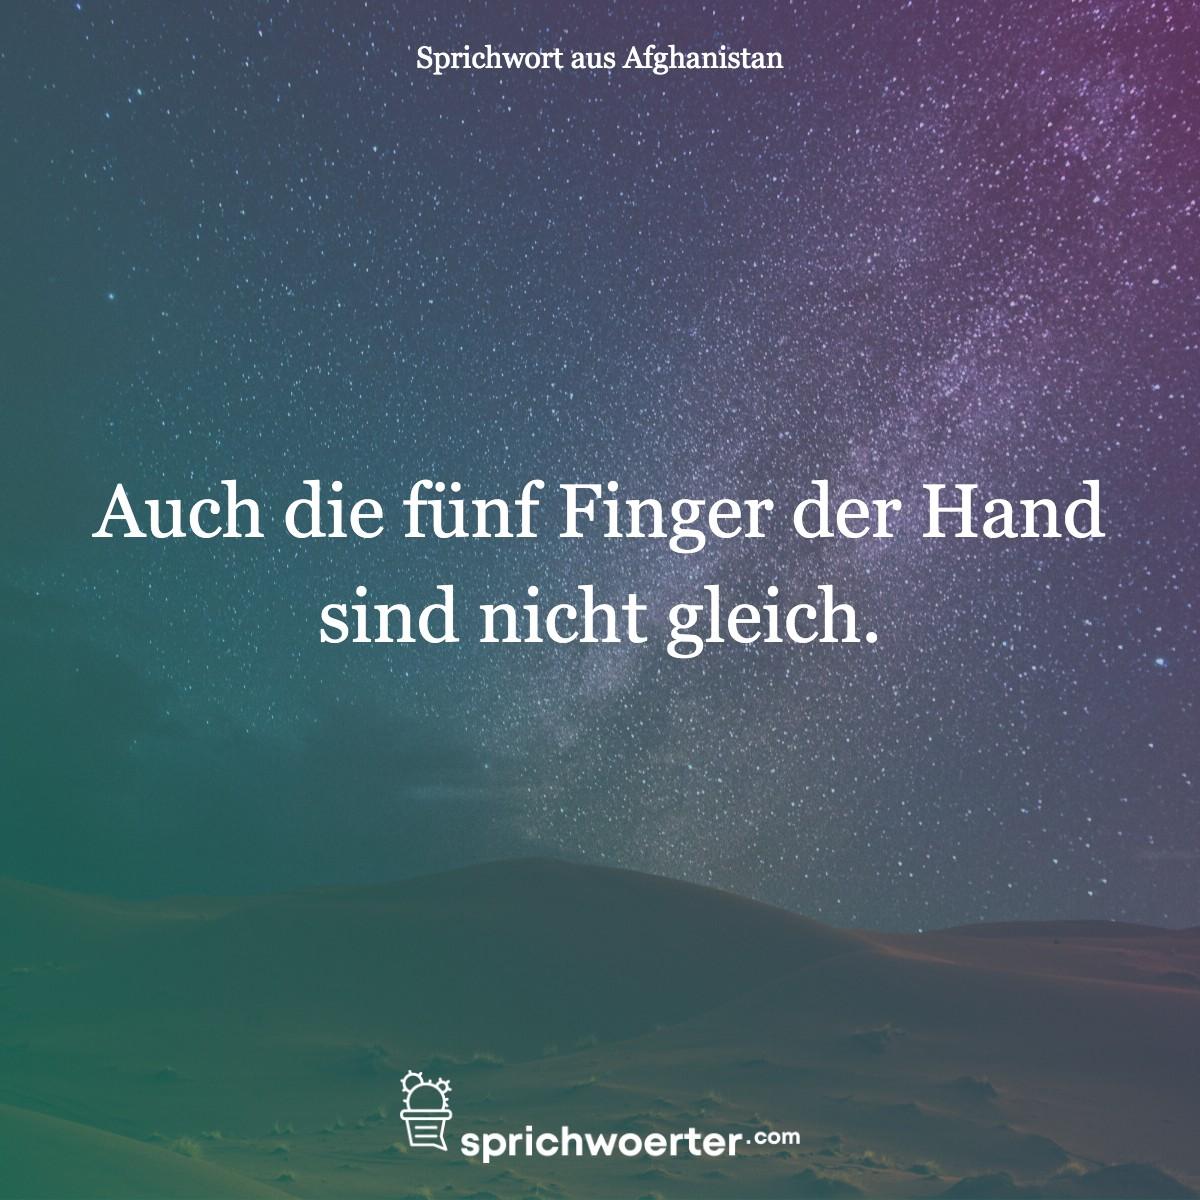 Auch die fünf Finger der Hand sind nicht gleich. - Sprichwort, Spruch, Weisheit, Redewendung